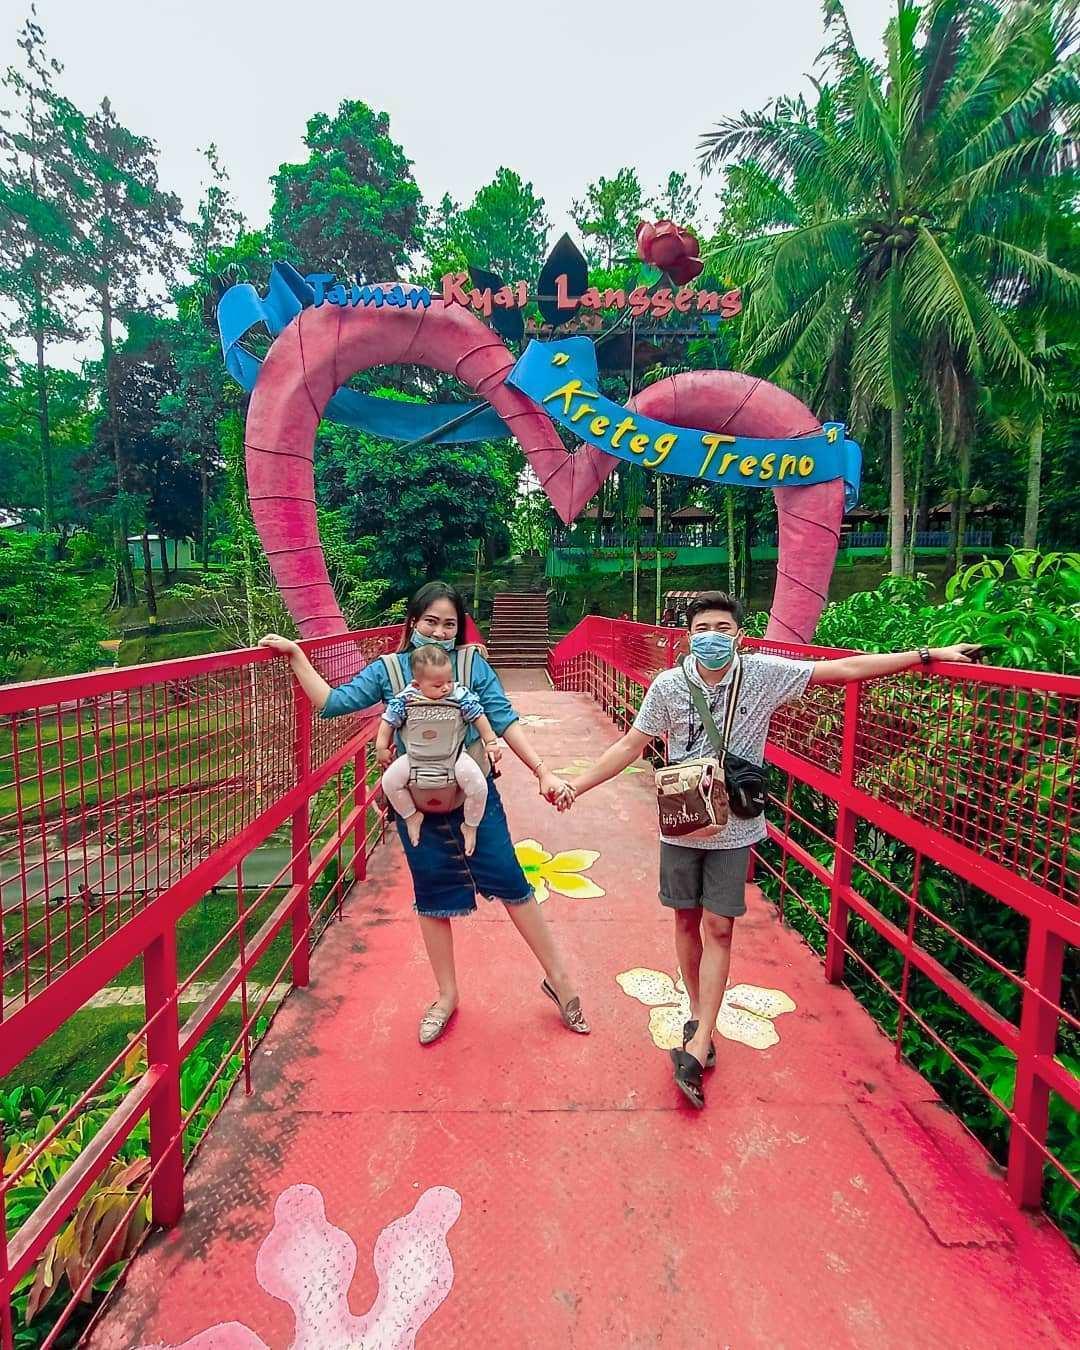 Berfoto di Jembatan Cinta Taman Kyai Langgeng Magelang Image From @qeeinsy